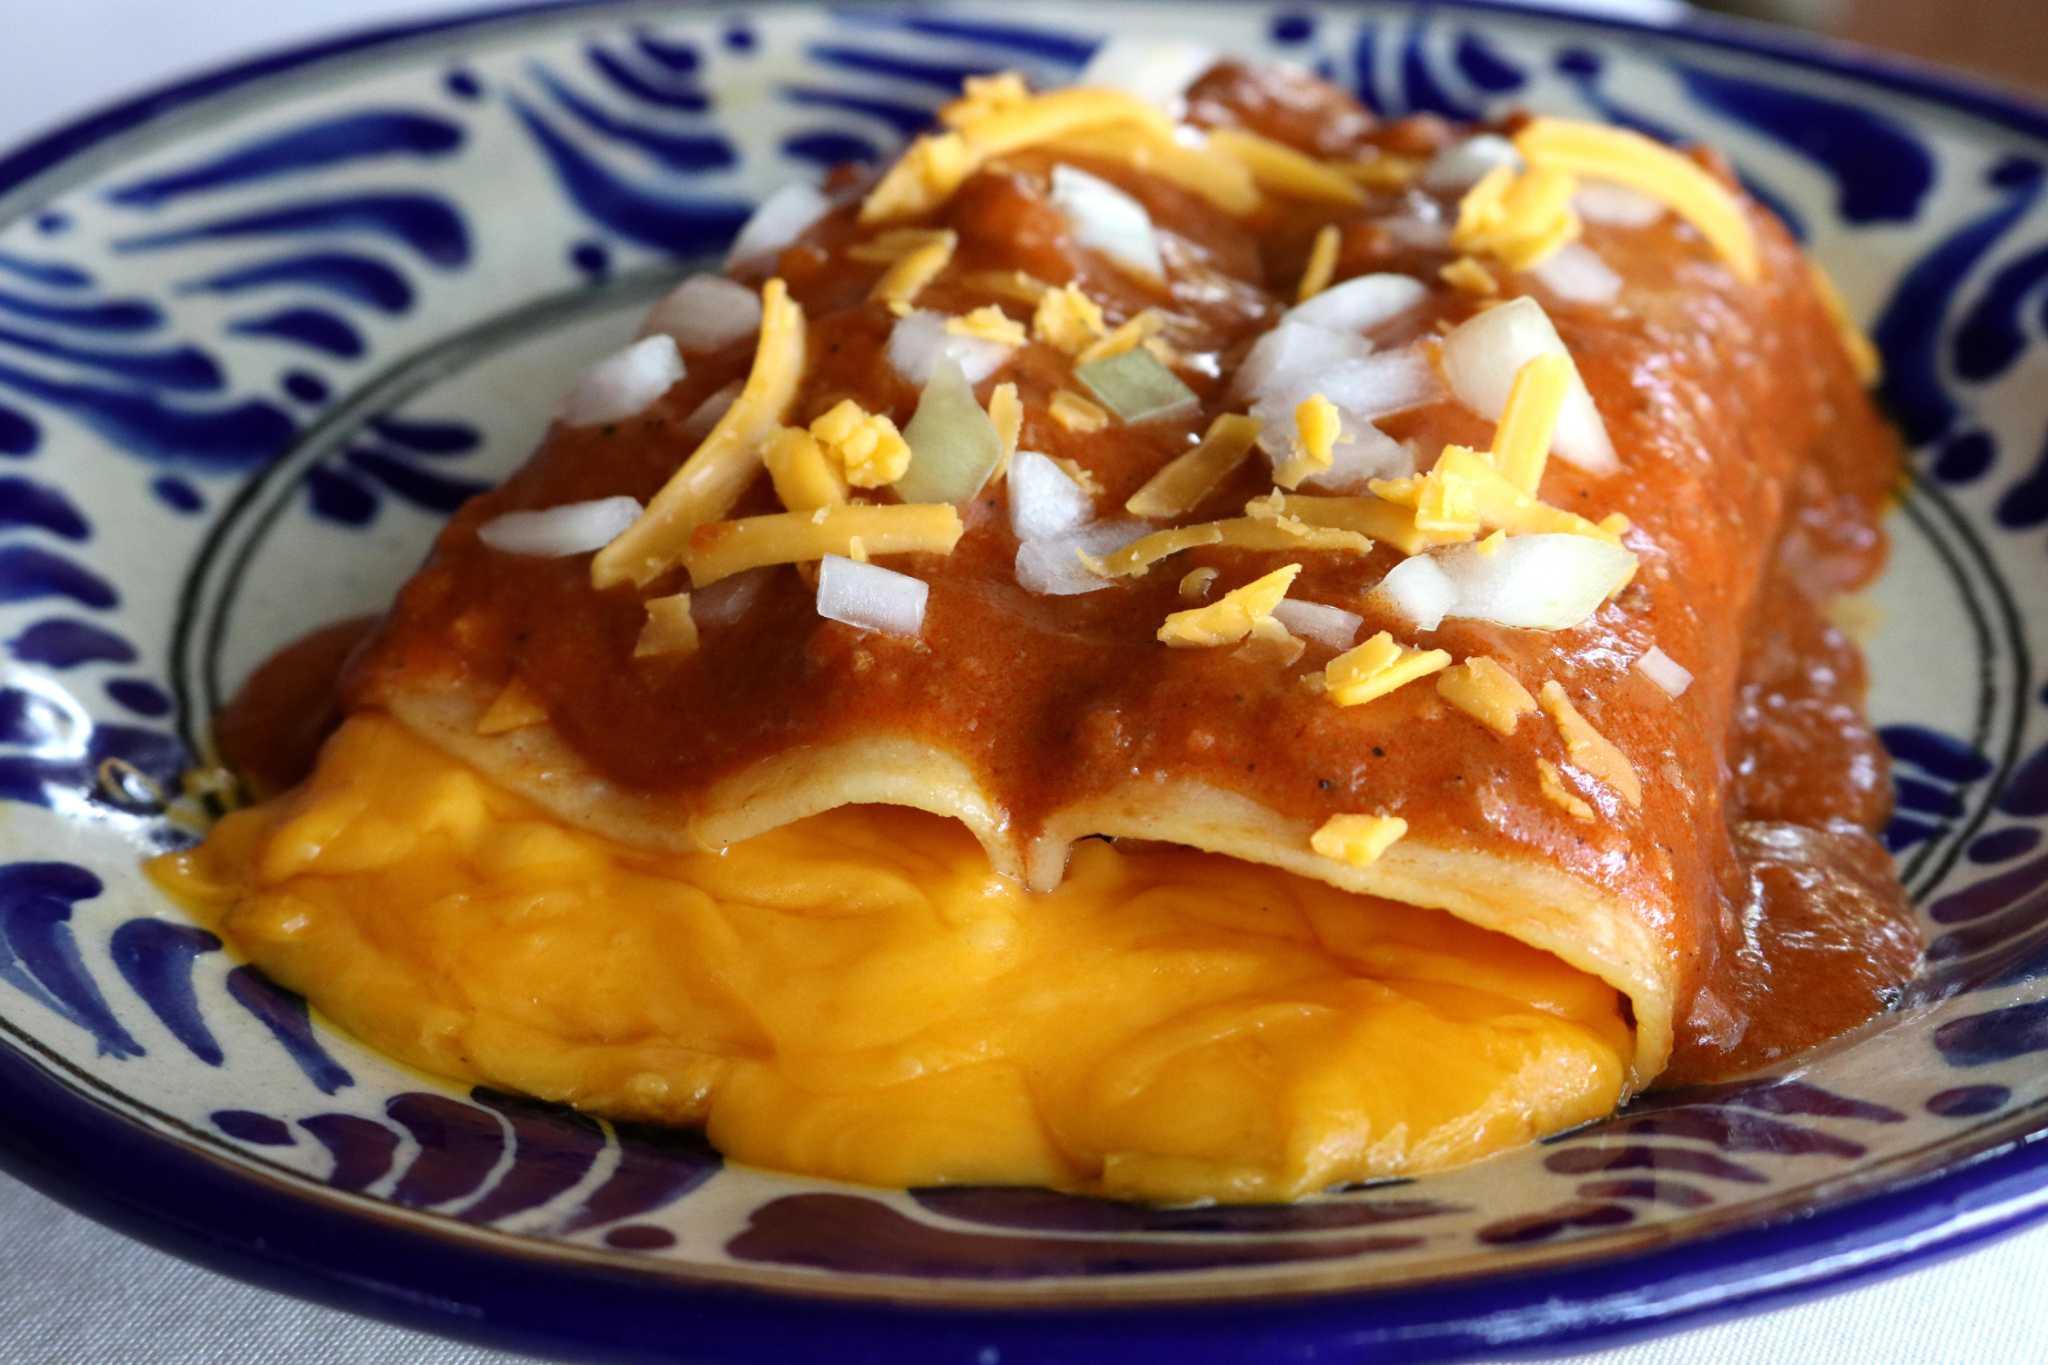 Houston Recipes: Cheese Enchiladas from Sylvia Casares